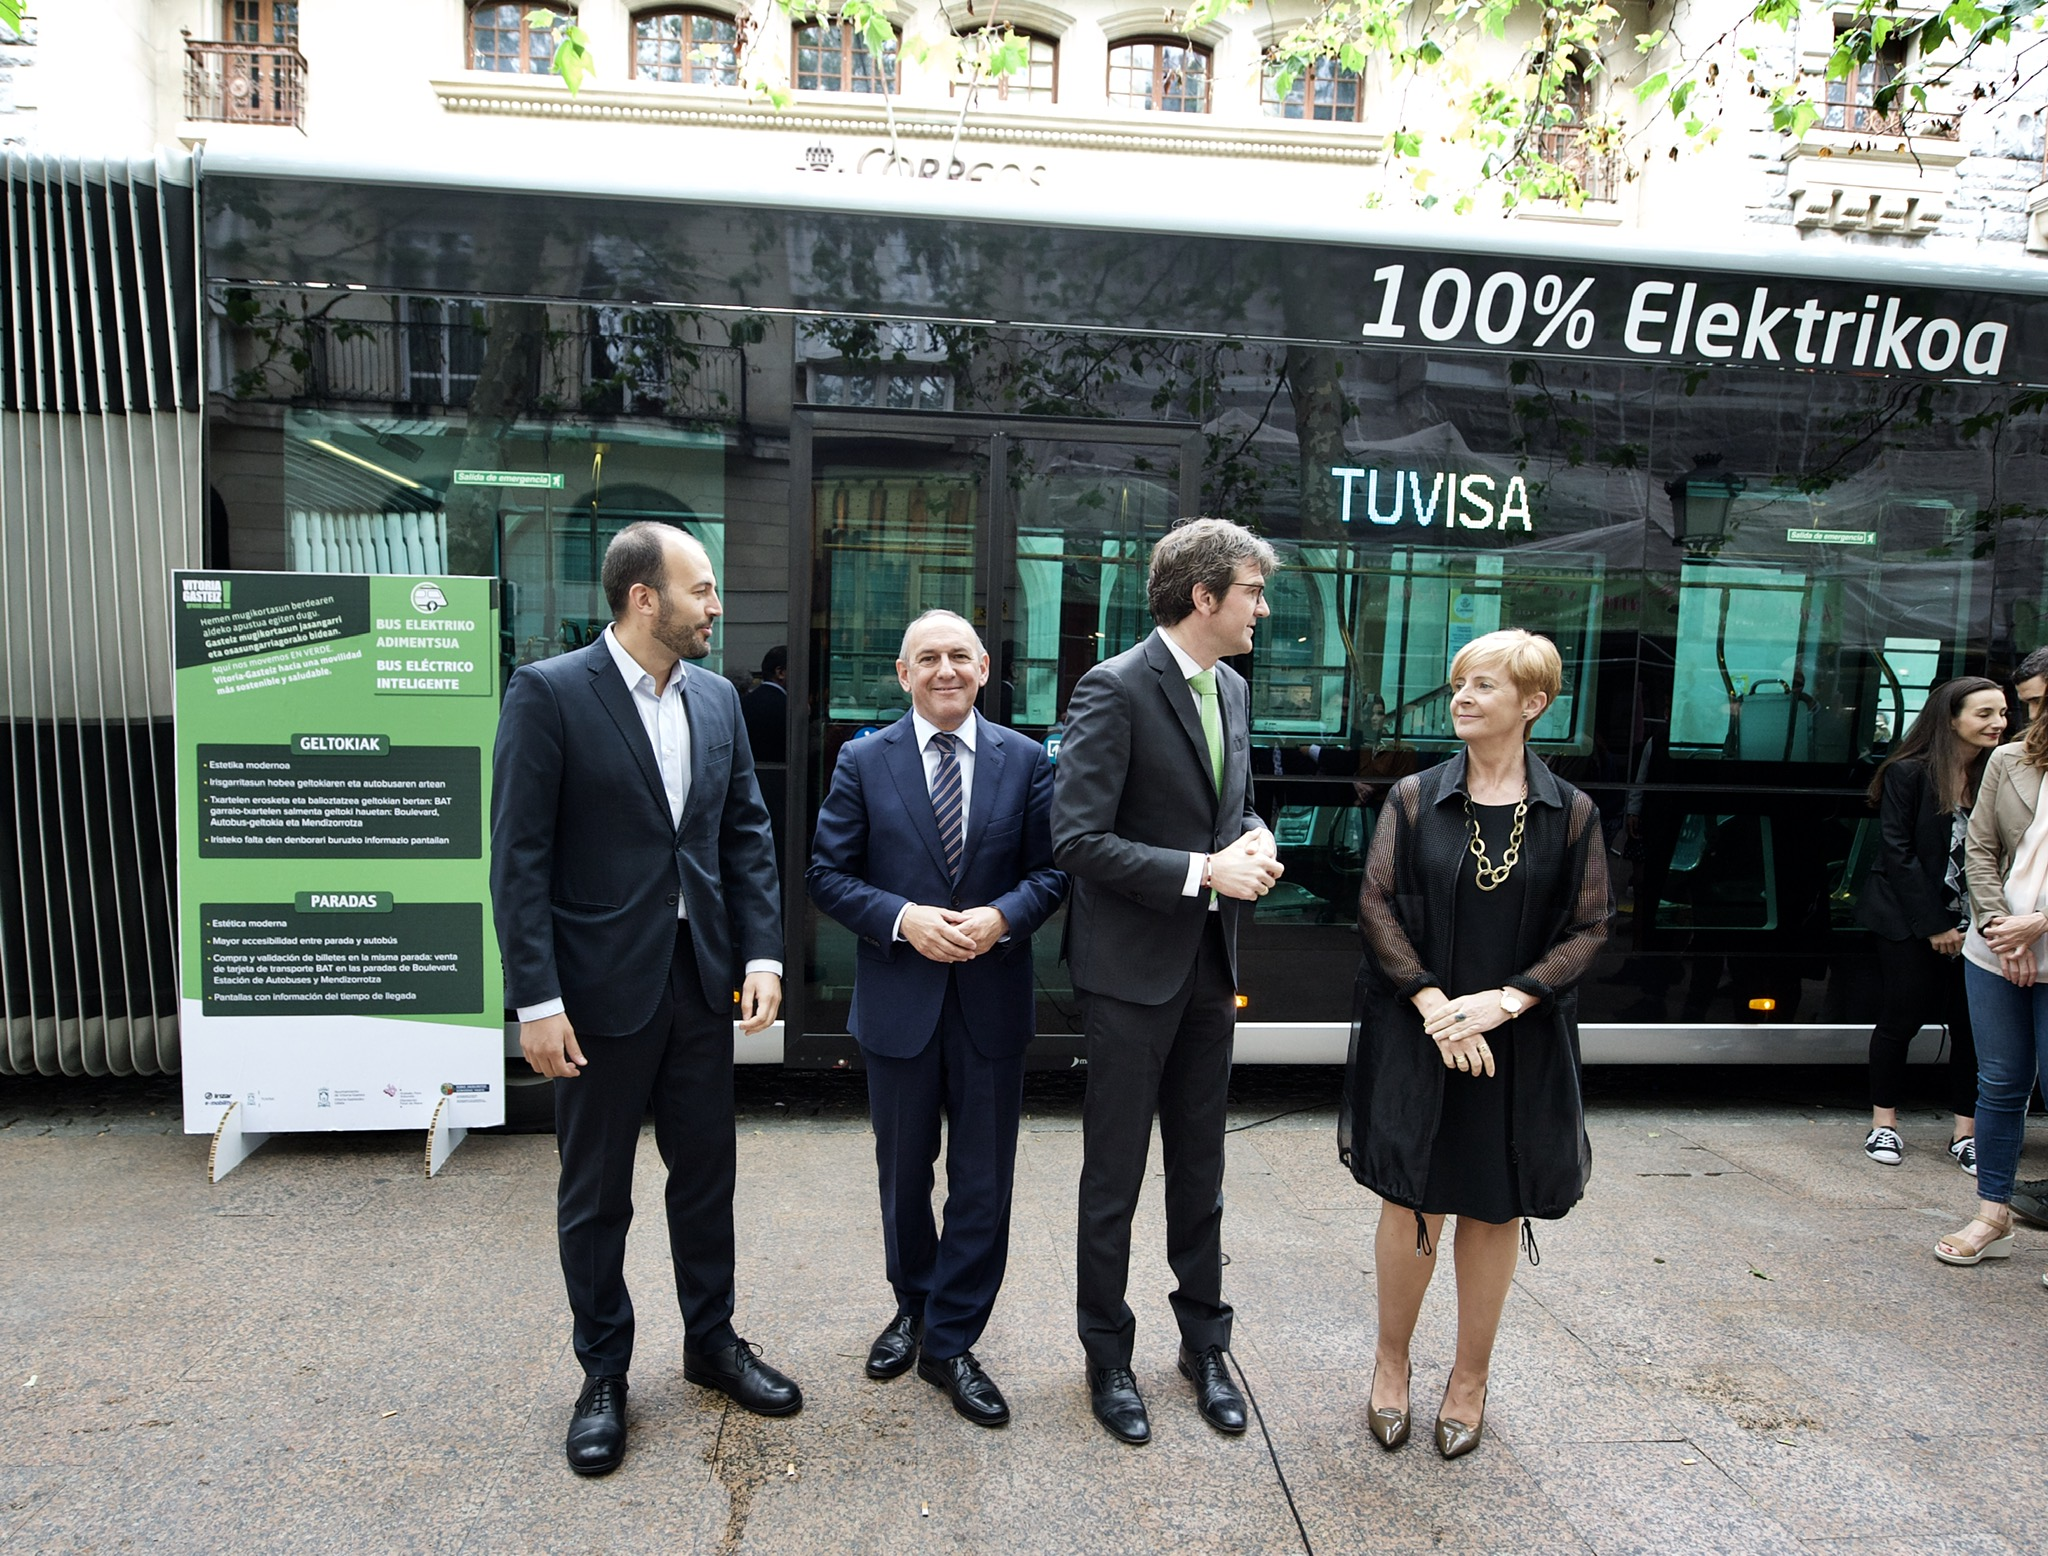 Autobus elektriko adimentsua aurkeztu da Gasteizen: garraio sistema iraultzaile horrek hiriko 14 auzo konektatuko ditu puntako teknologiako 13 autobus elektrikoren bitartez, zeinak Irizar e-mobility-k ekoitziko baititu